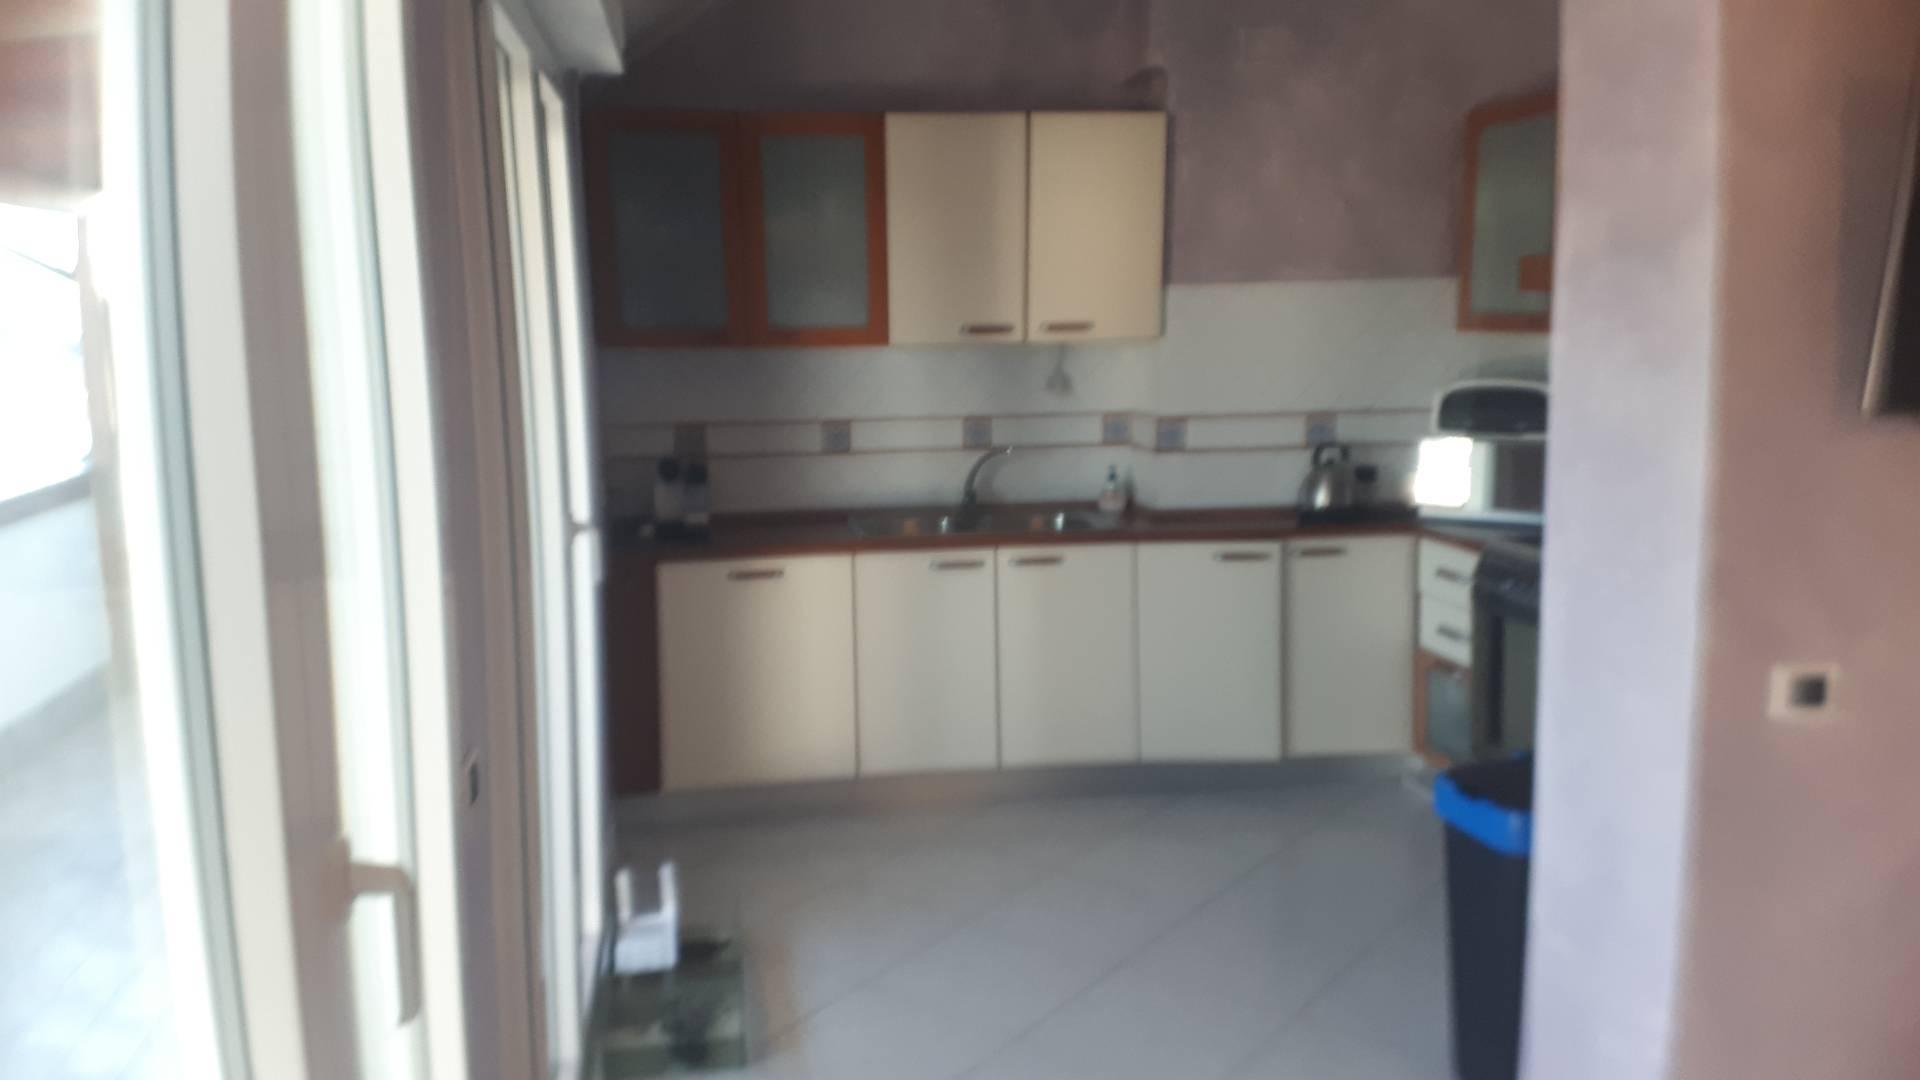 Attico / Mansarda in vendita a Teramo, 5 locali, prezzo € 220.000 | PortaleAgenzieImmobiliari.it